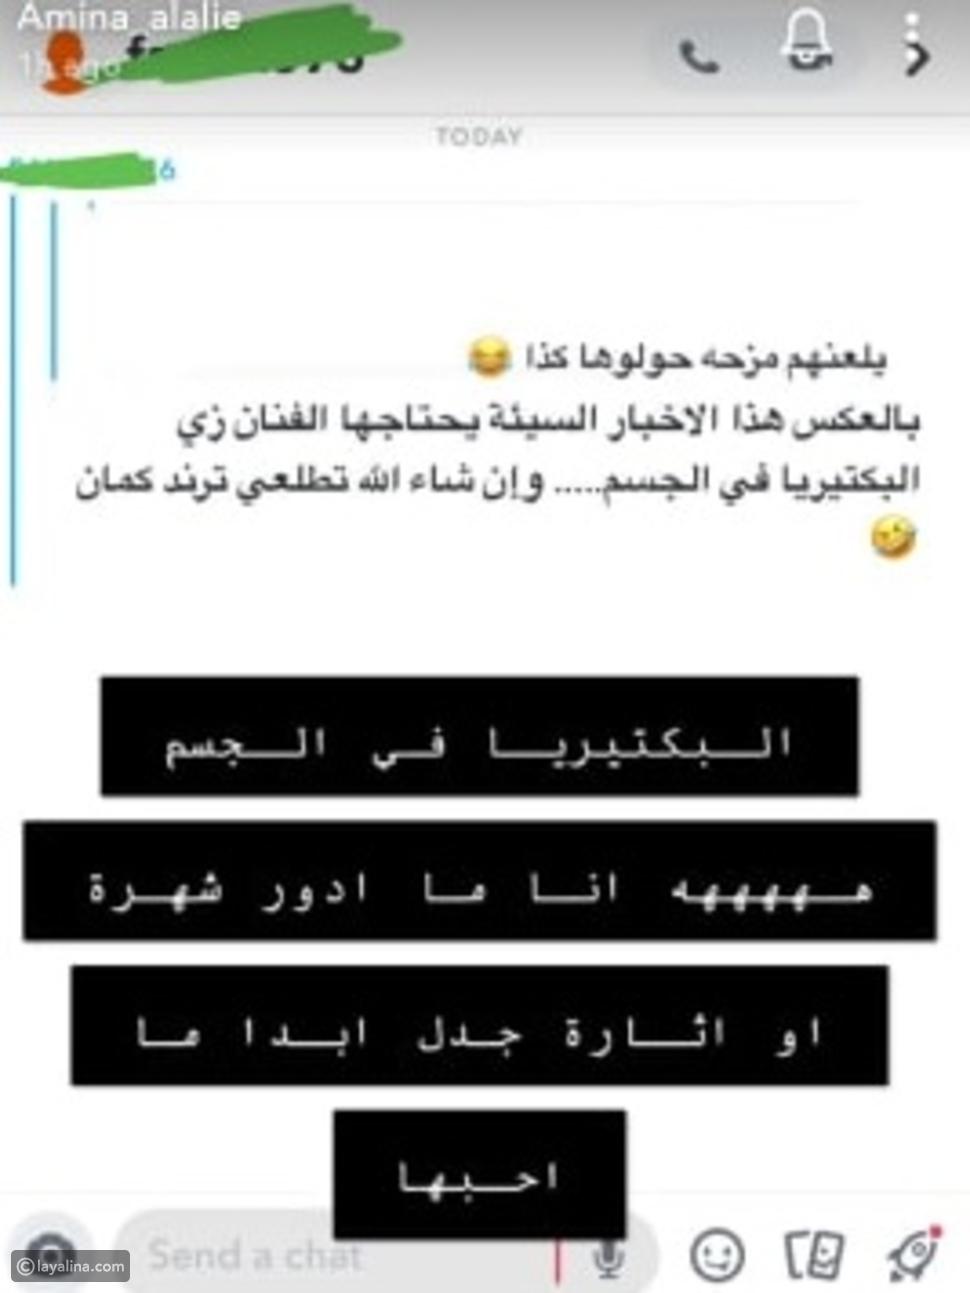 أمينة العلي ترد بسخرية على متابعة اتهامتها بالرغبة في الشهرة